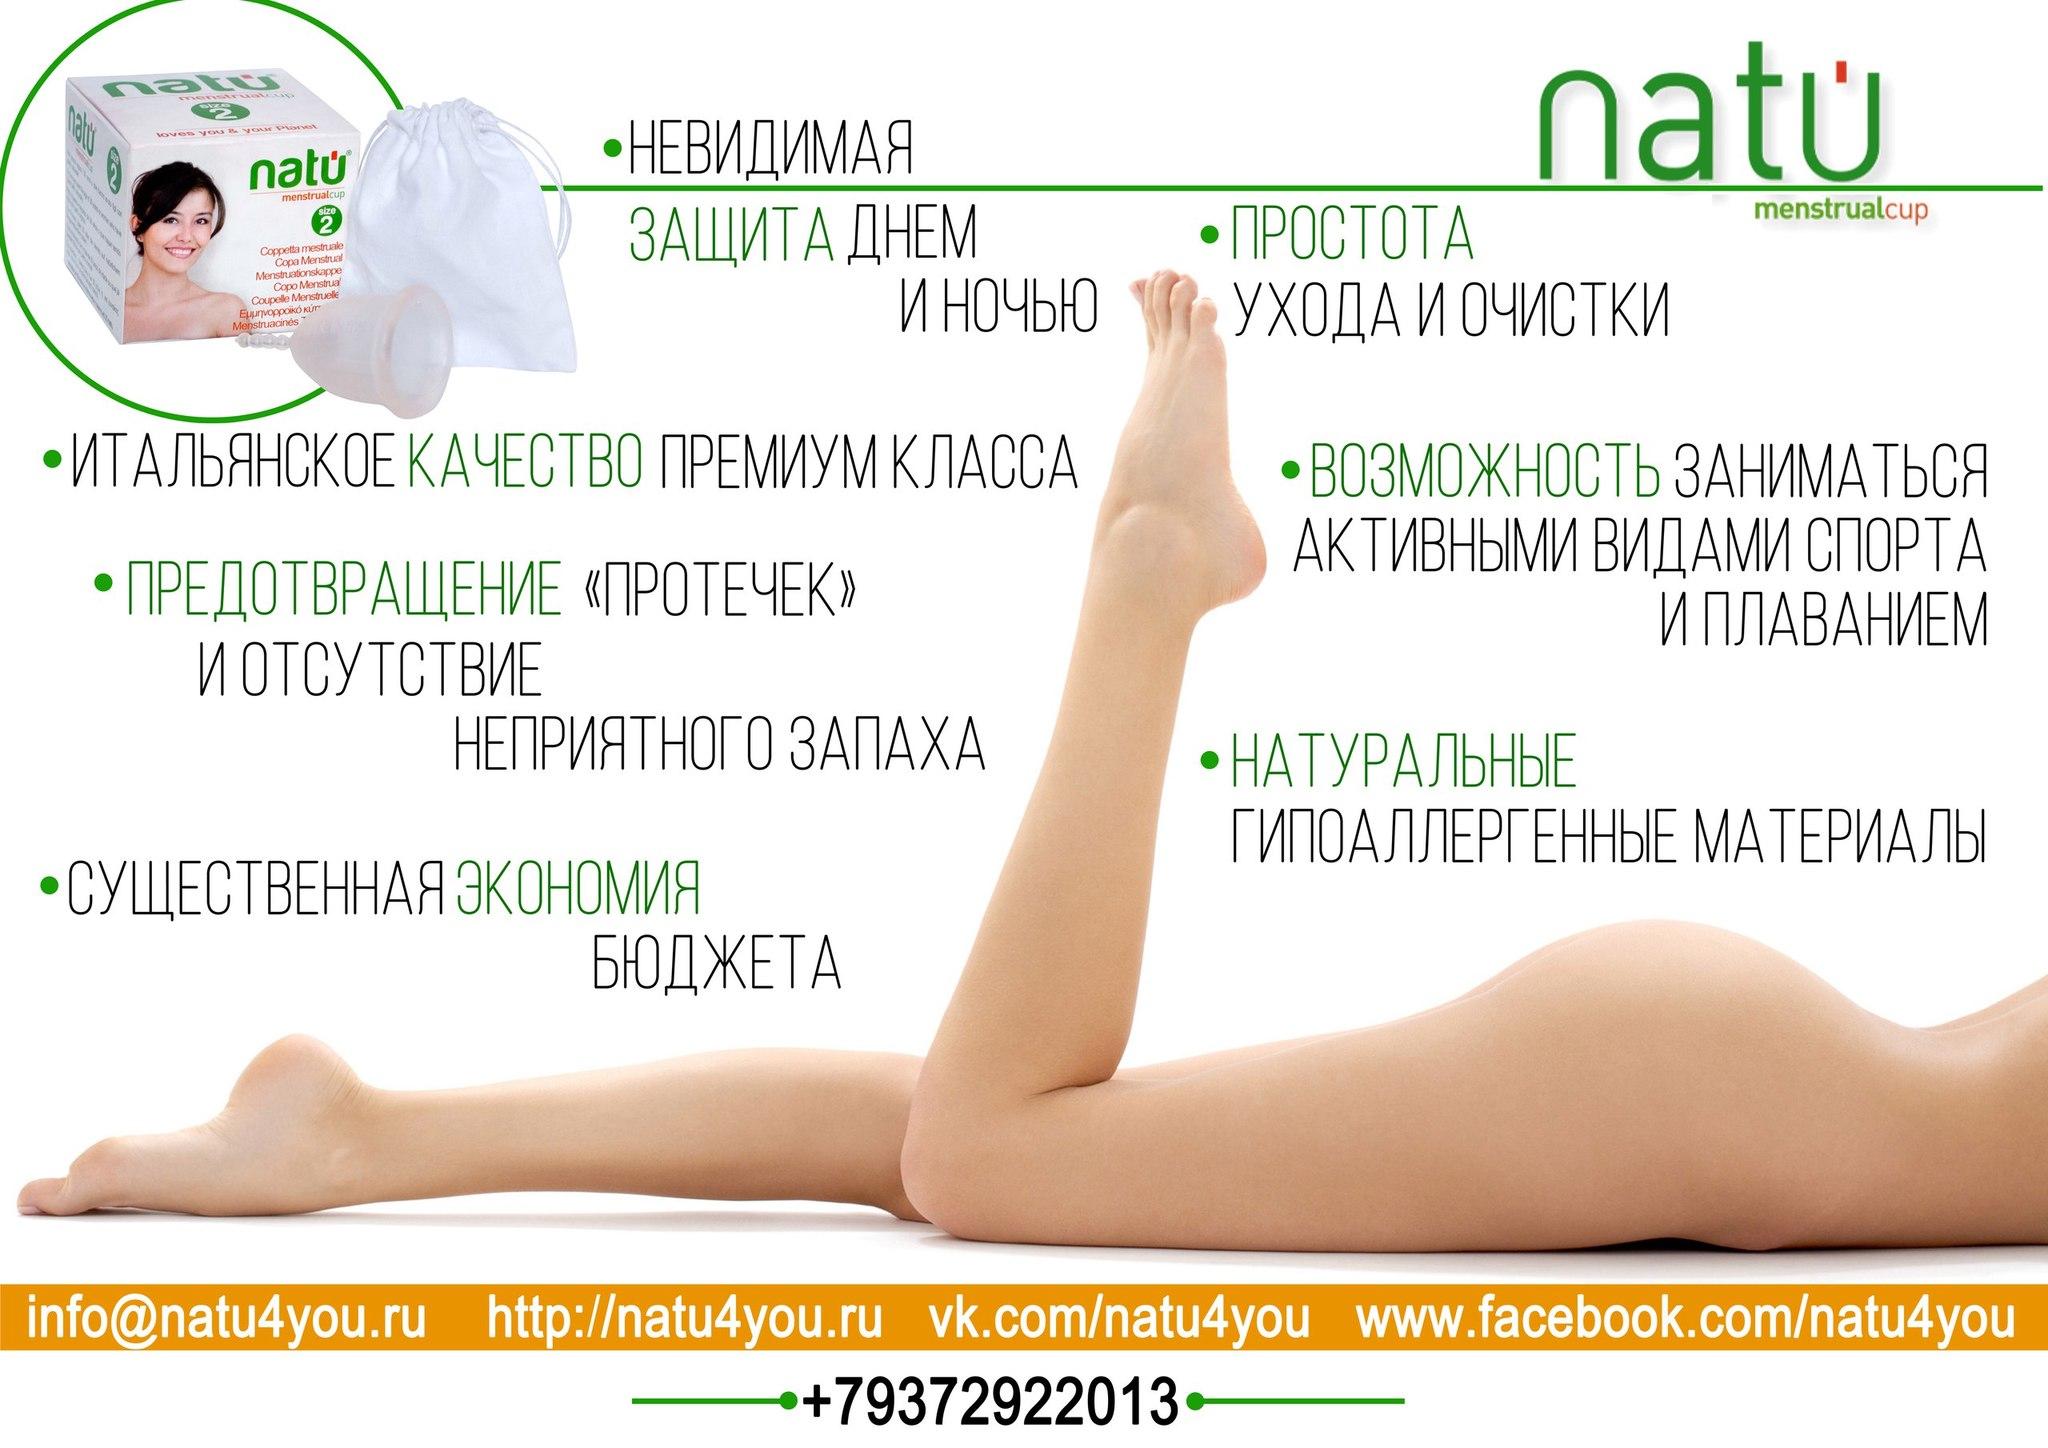 Итальянская менструальная чаша NATU (1 размер)